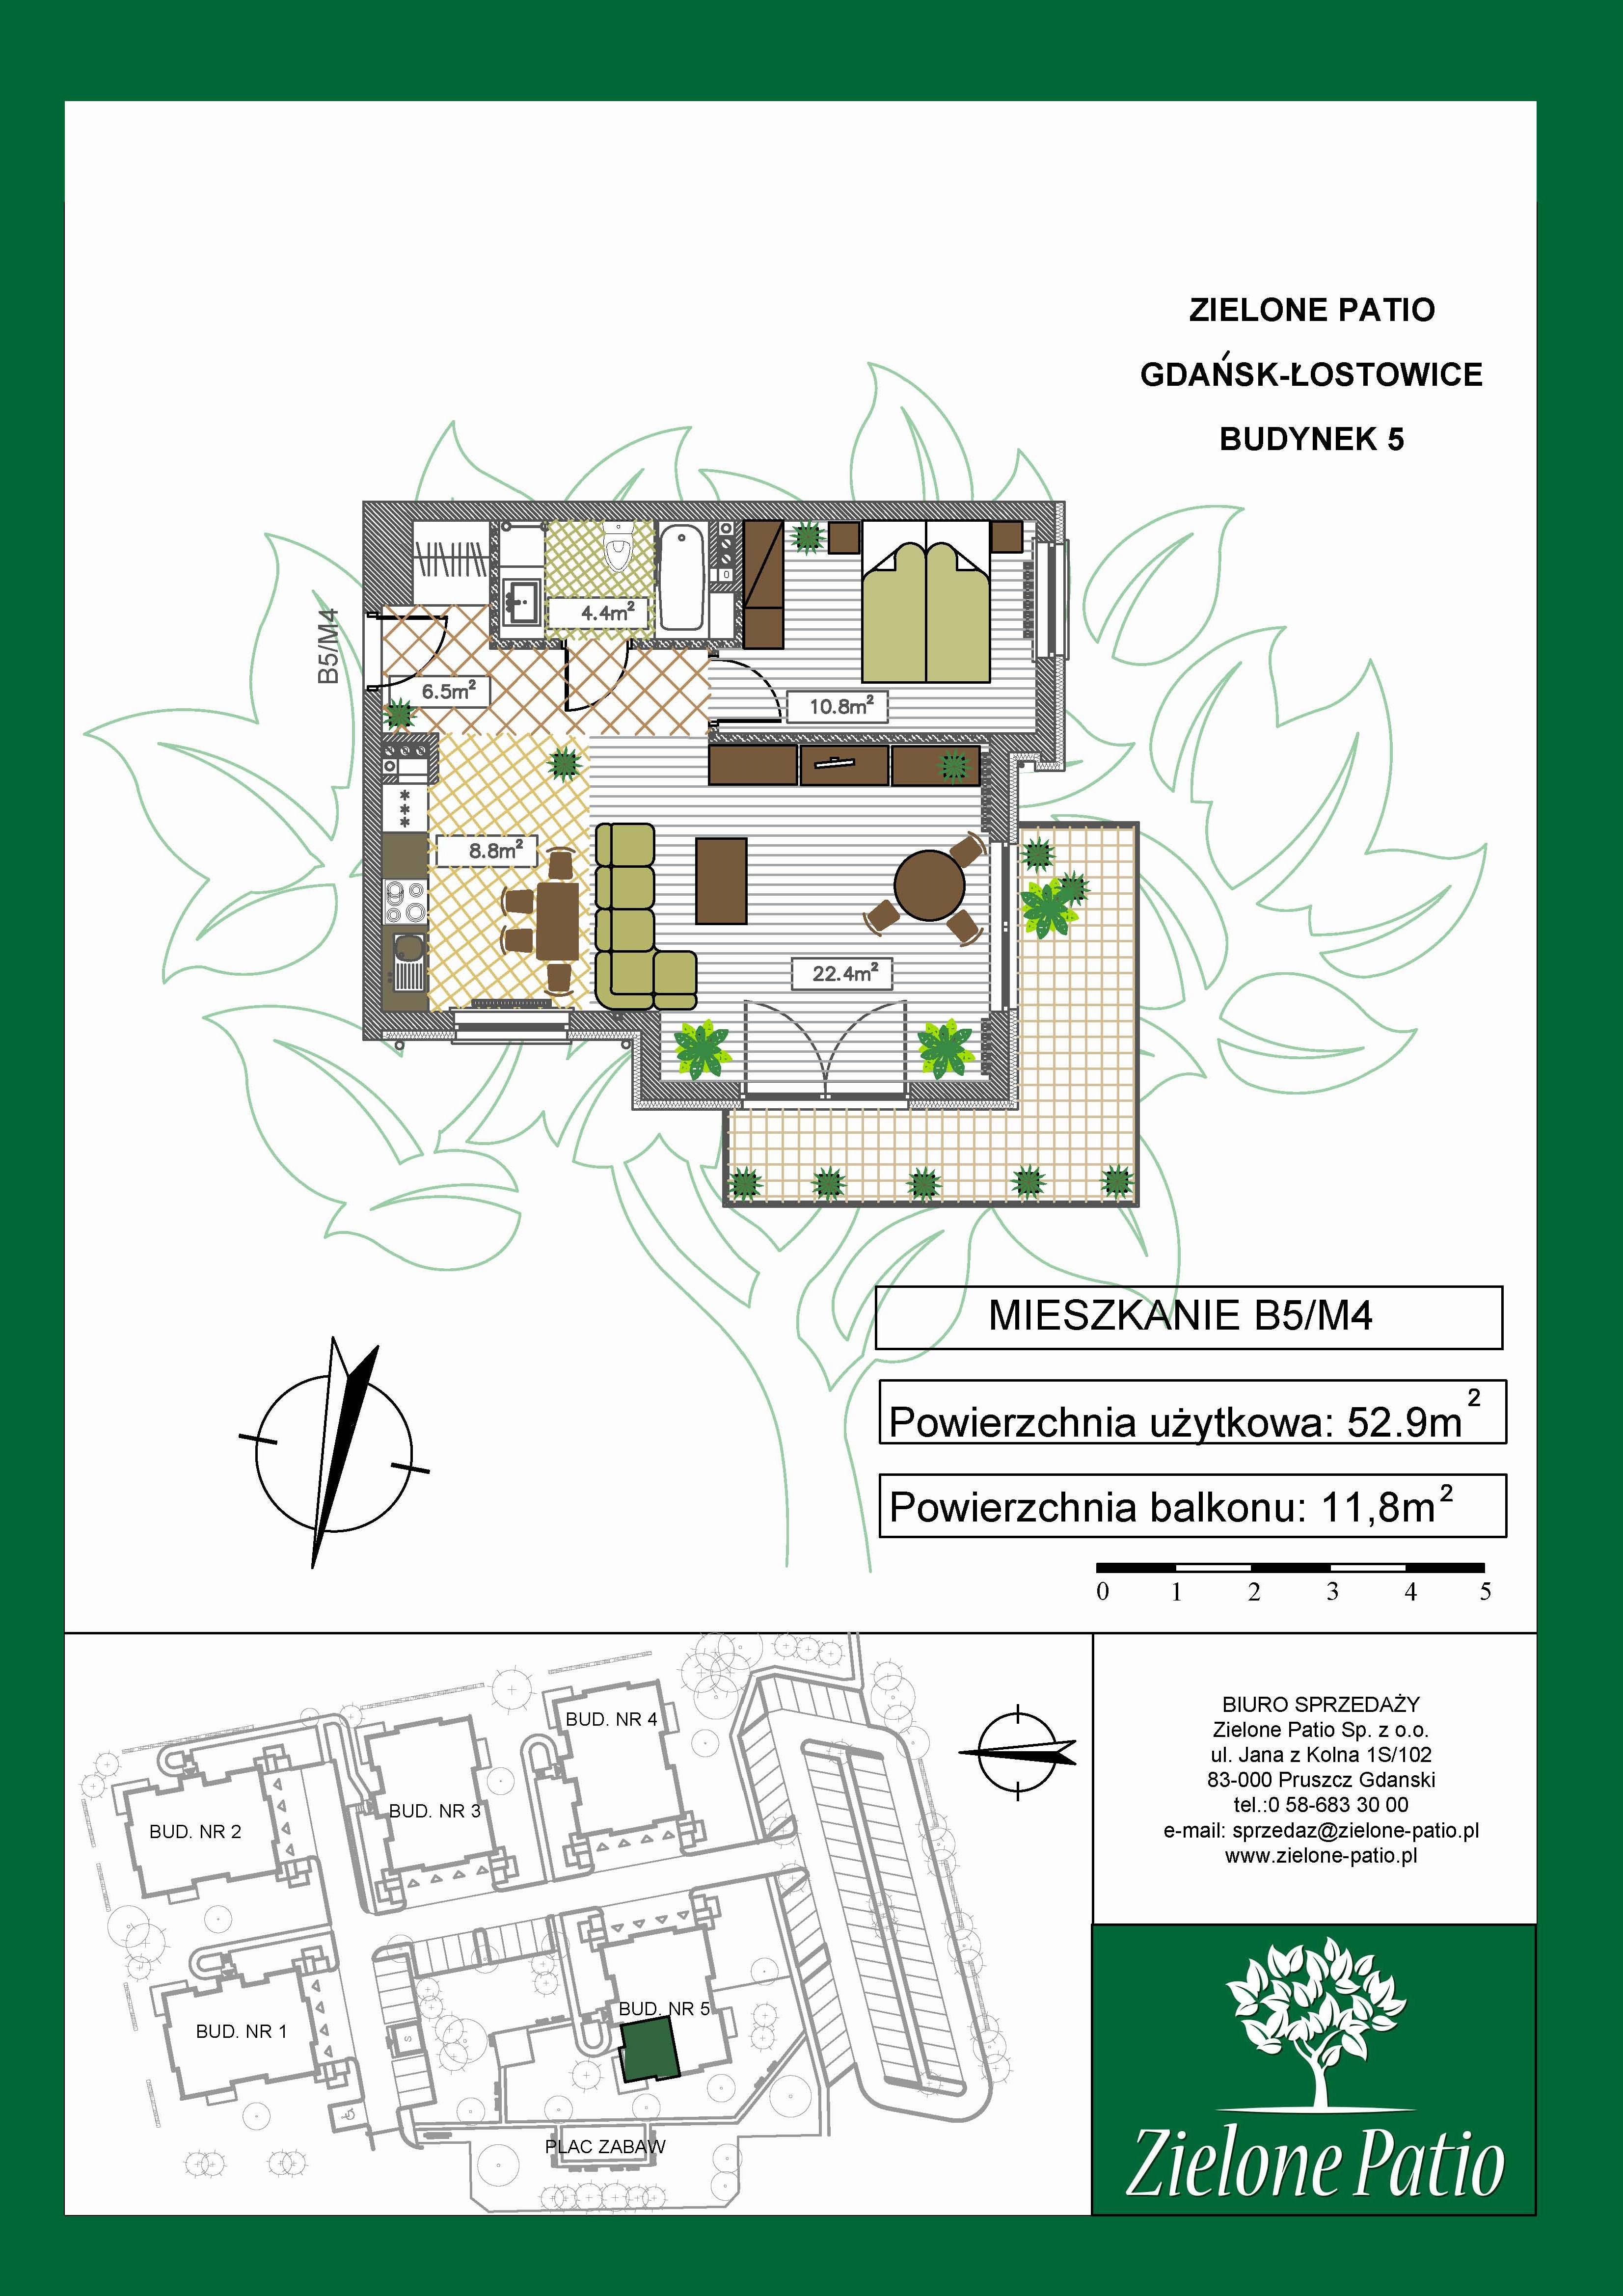 Plan M4 Zielone Patio, Budynek nr 5